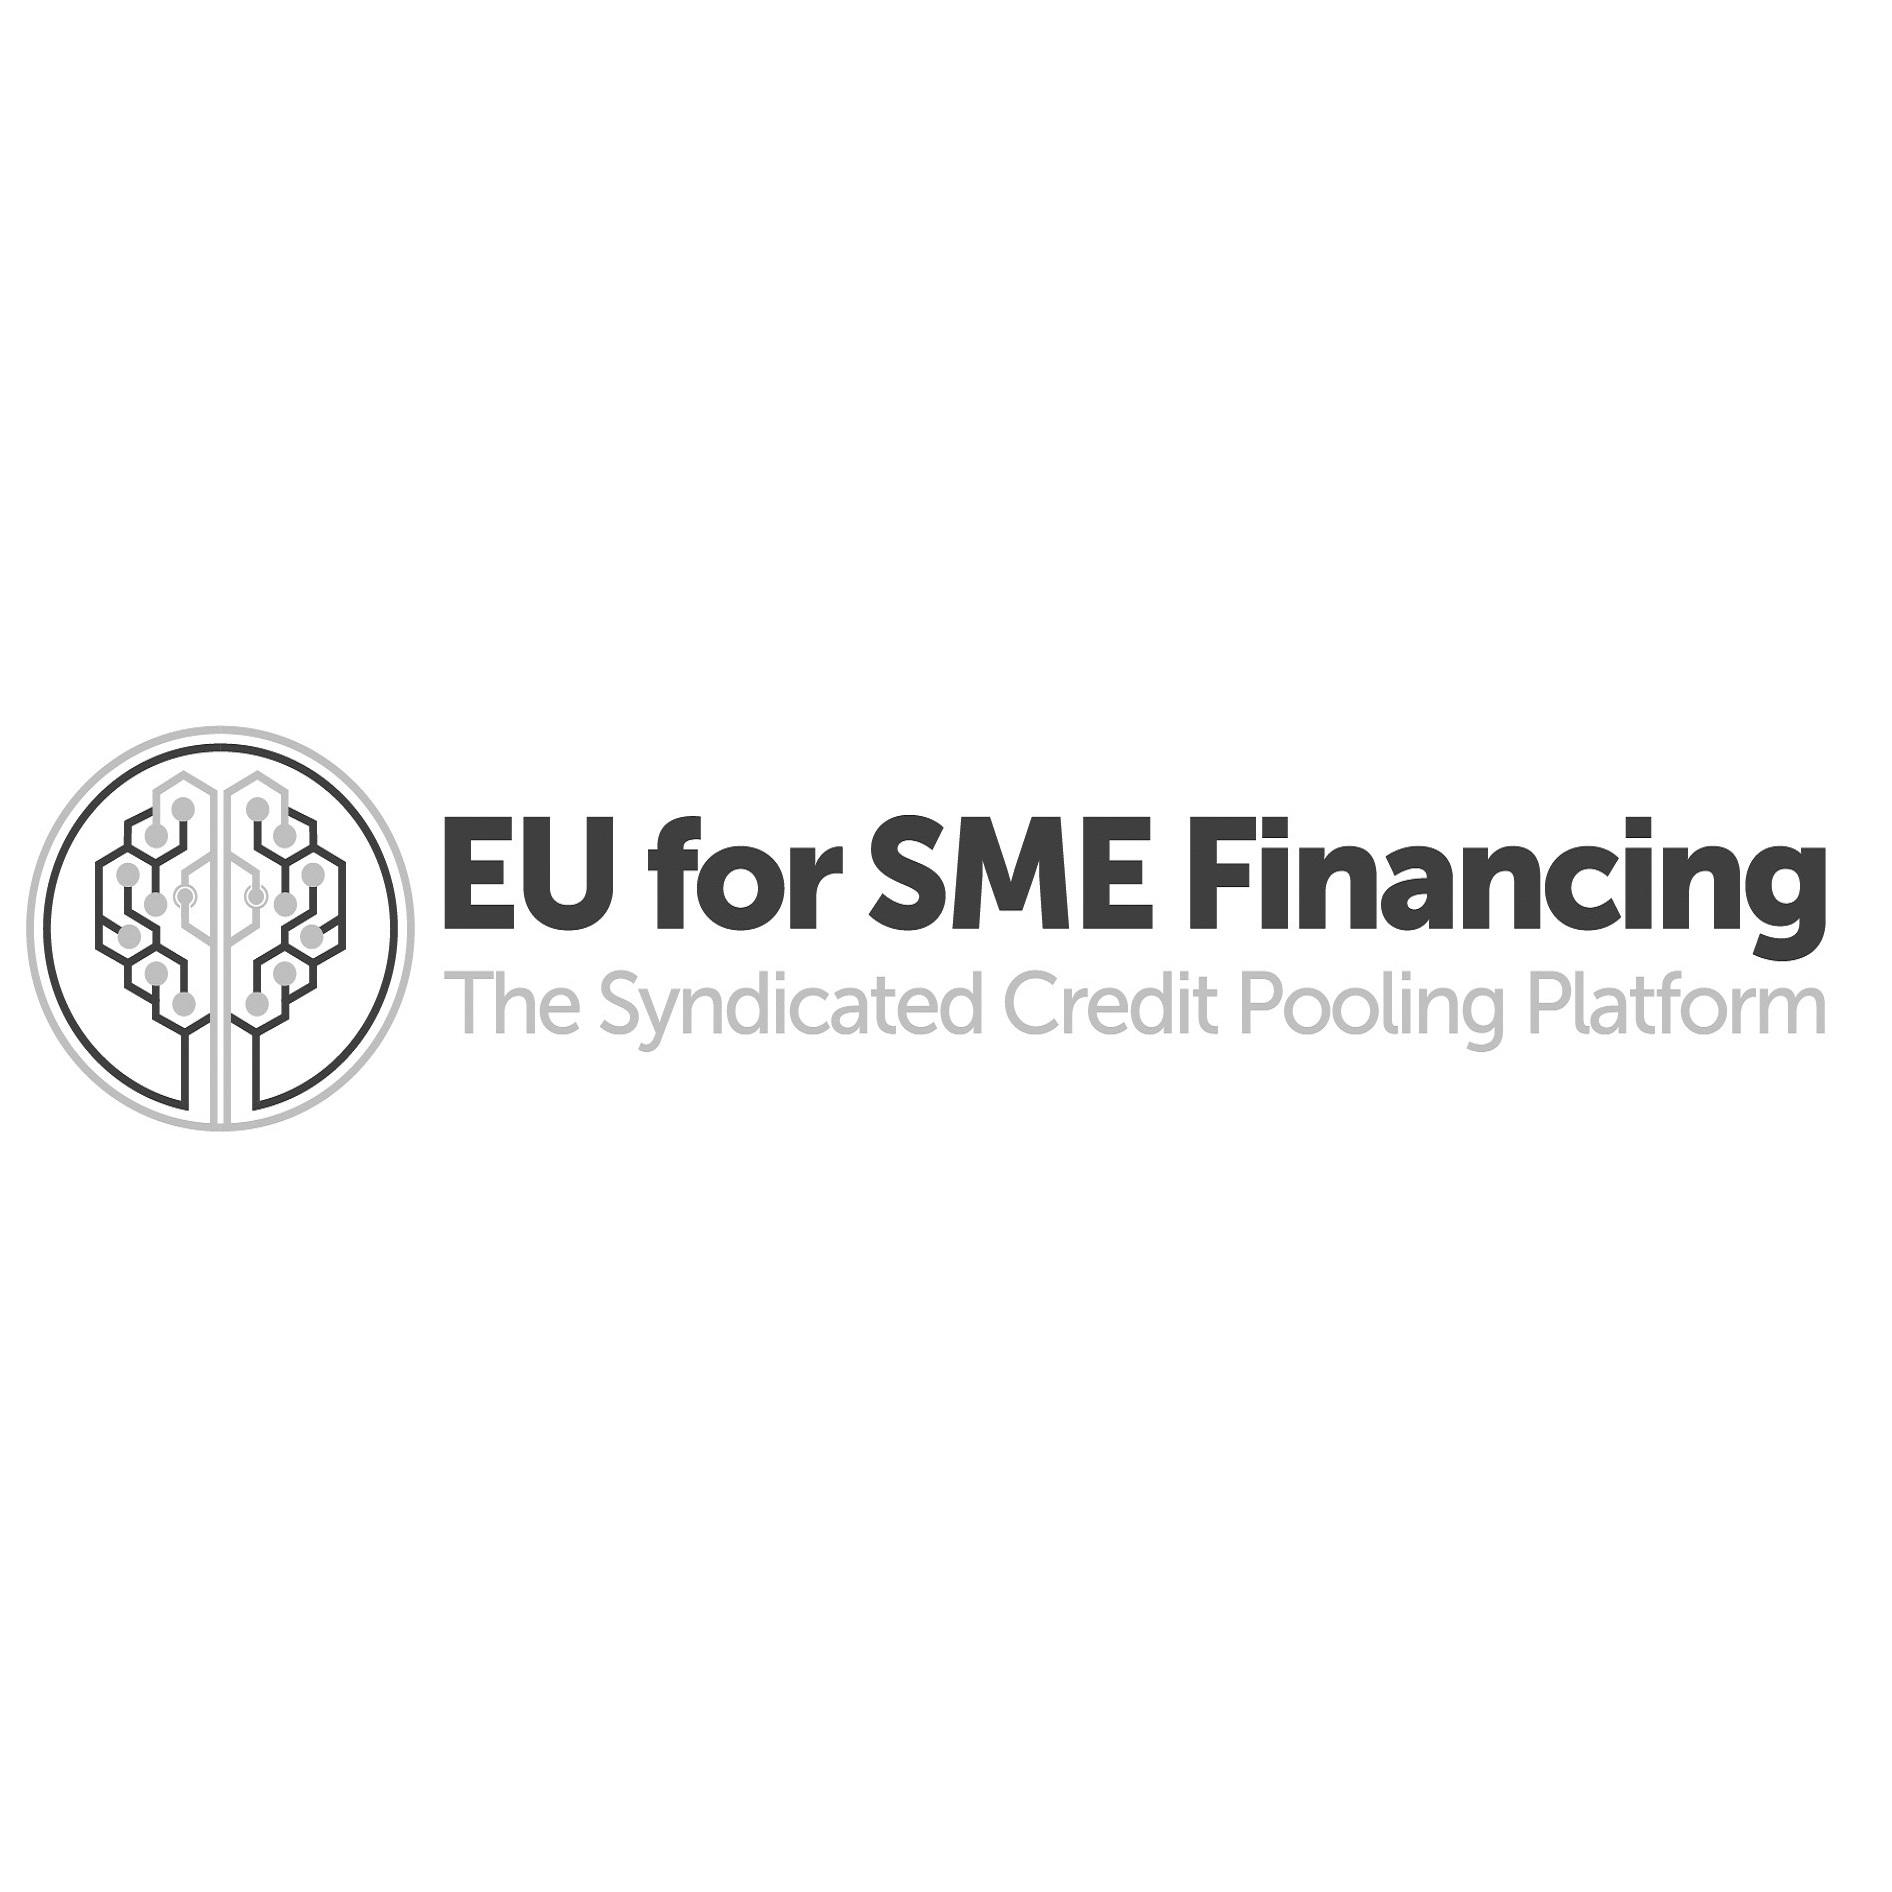 EU for SME